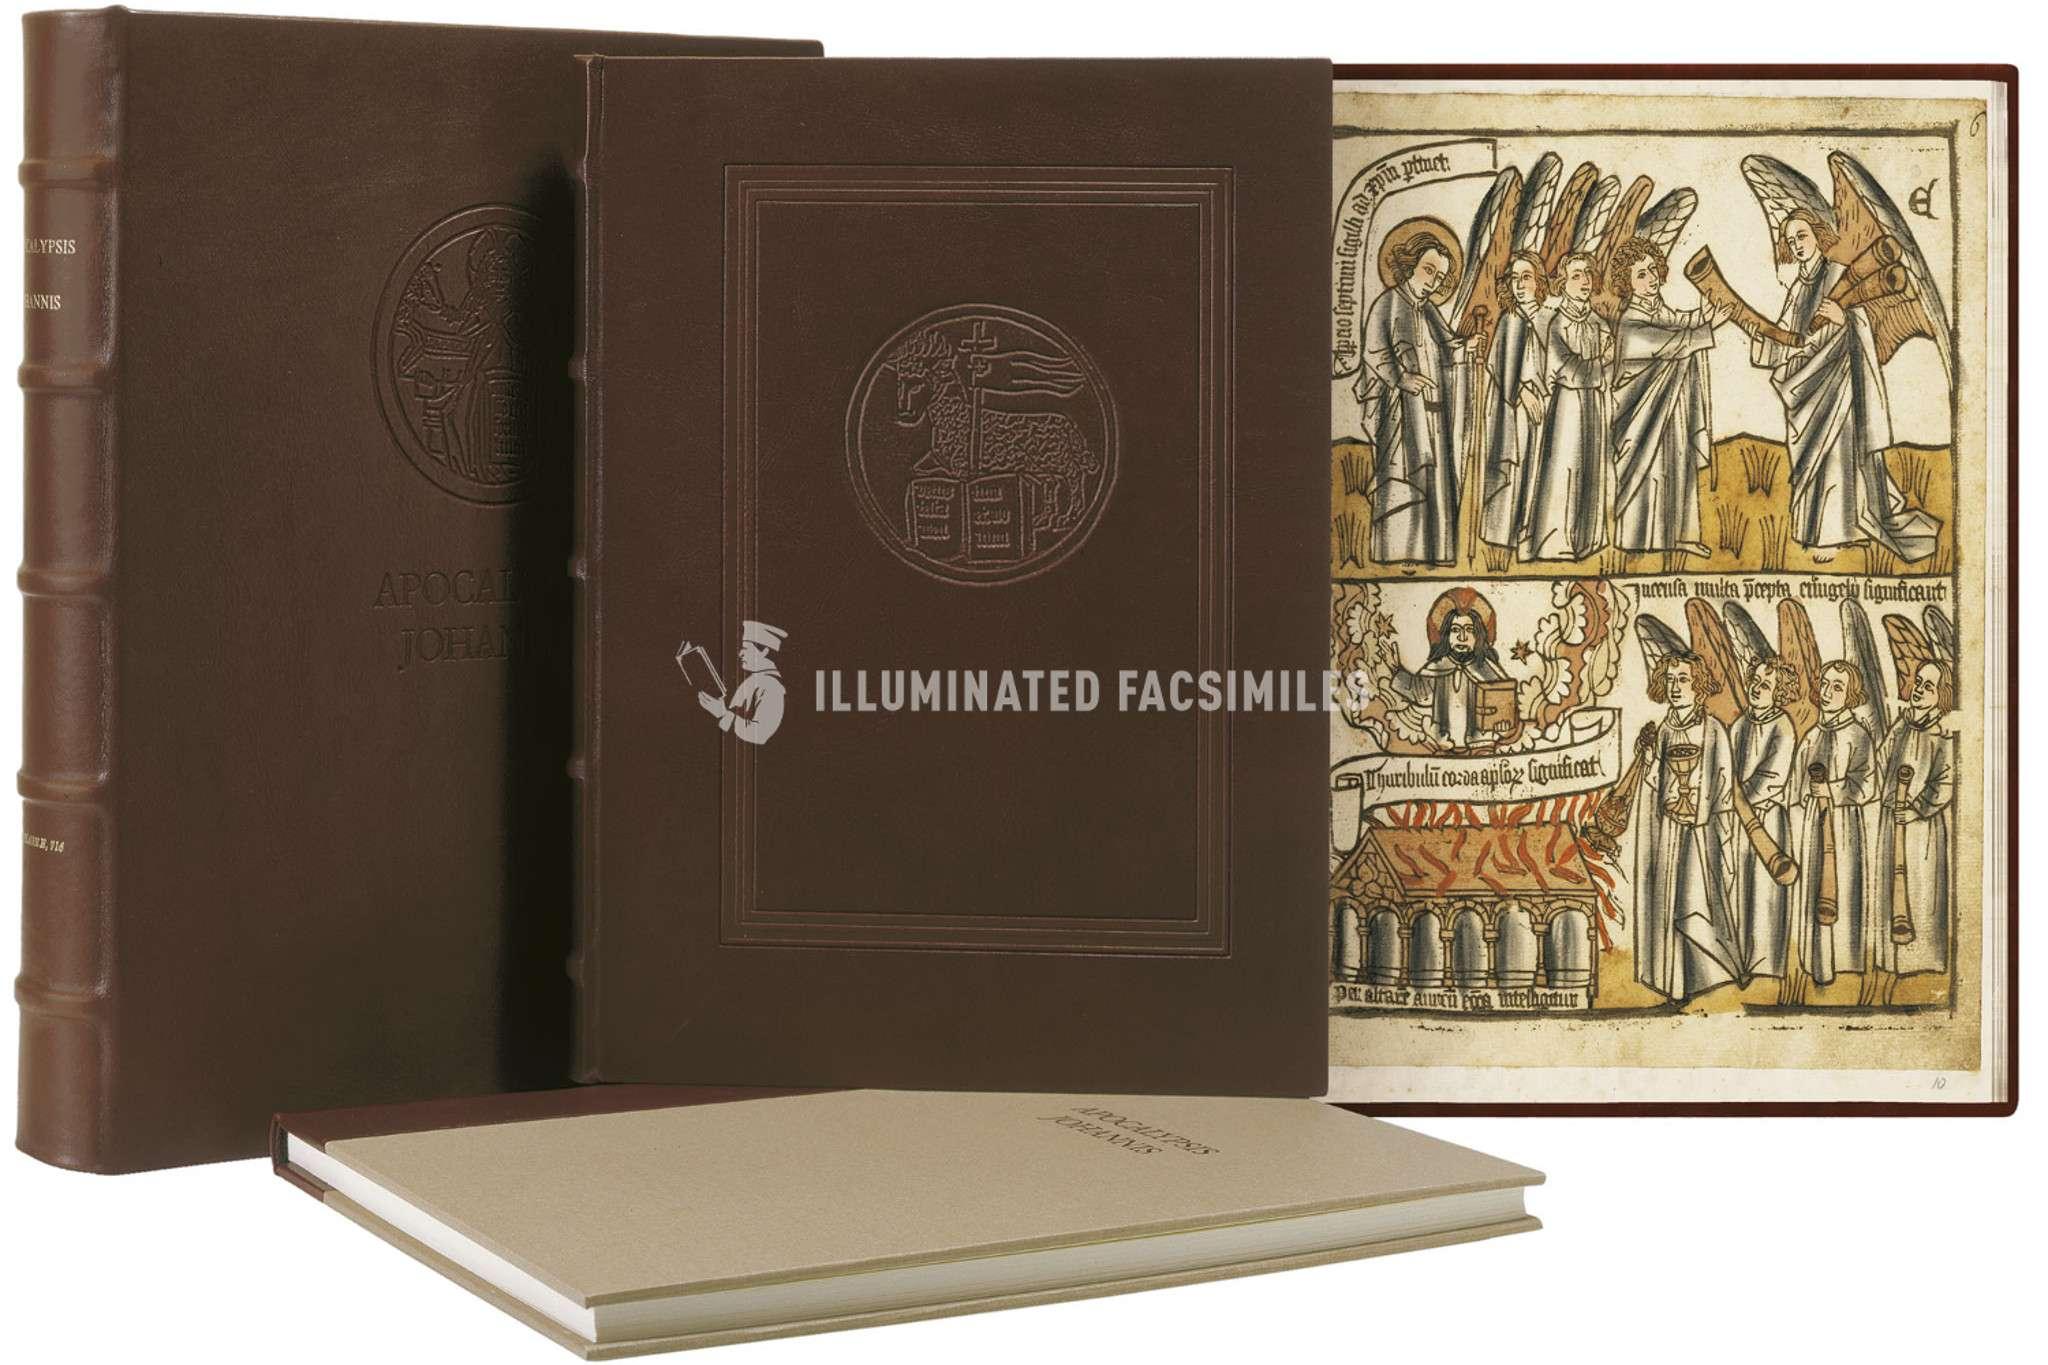 ILLUMINATED FACSIMILES®, Il Bulino edizioni d'arte – Apocalypsis Johannis – photo 01, copyright Il Bulino edizioni d'arte